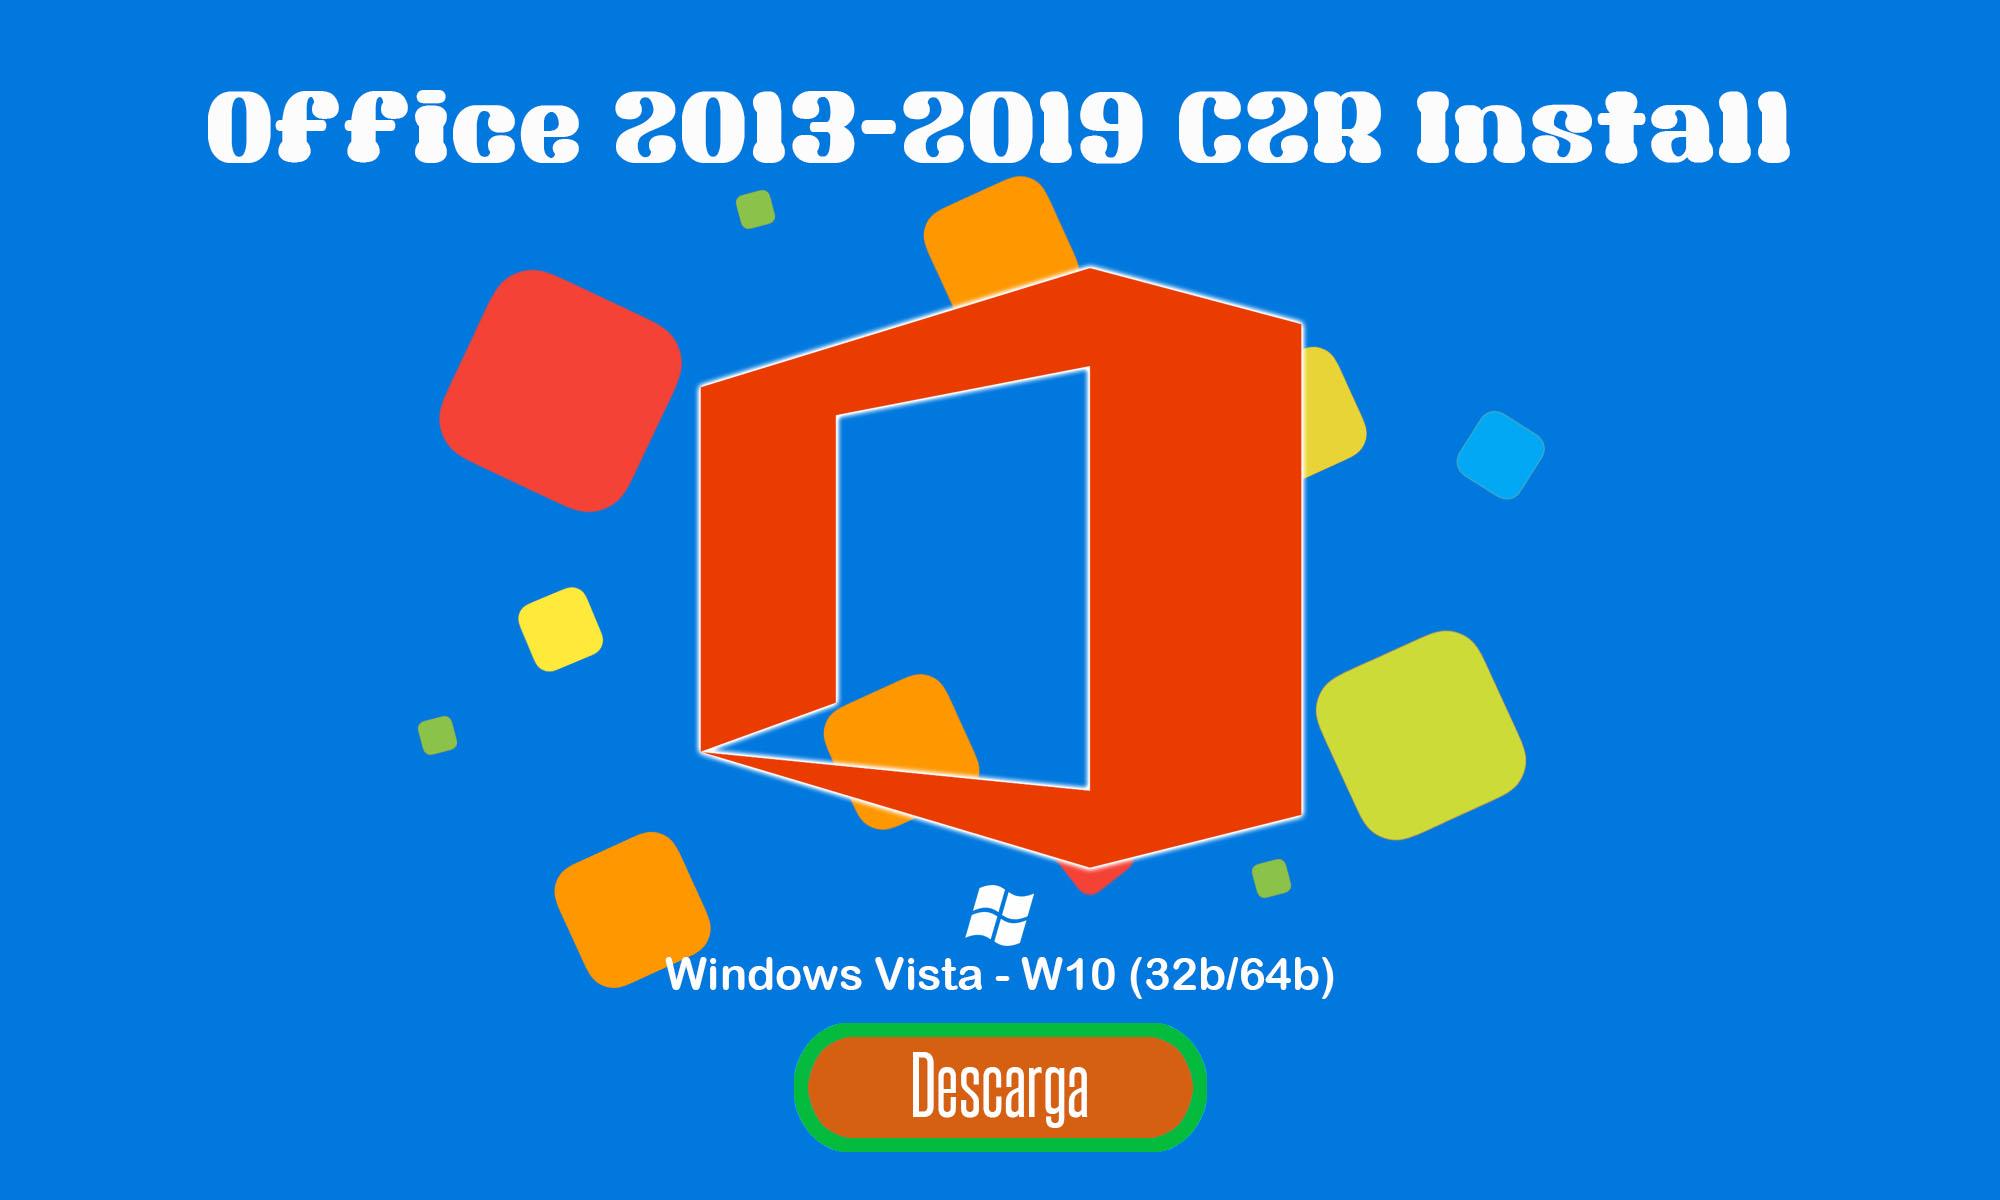 Resultado de imagen para Office 2013-2019 C2R Install